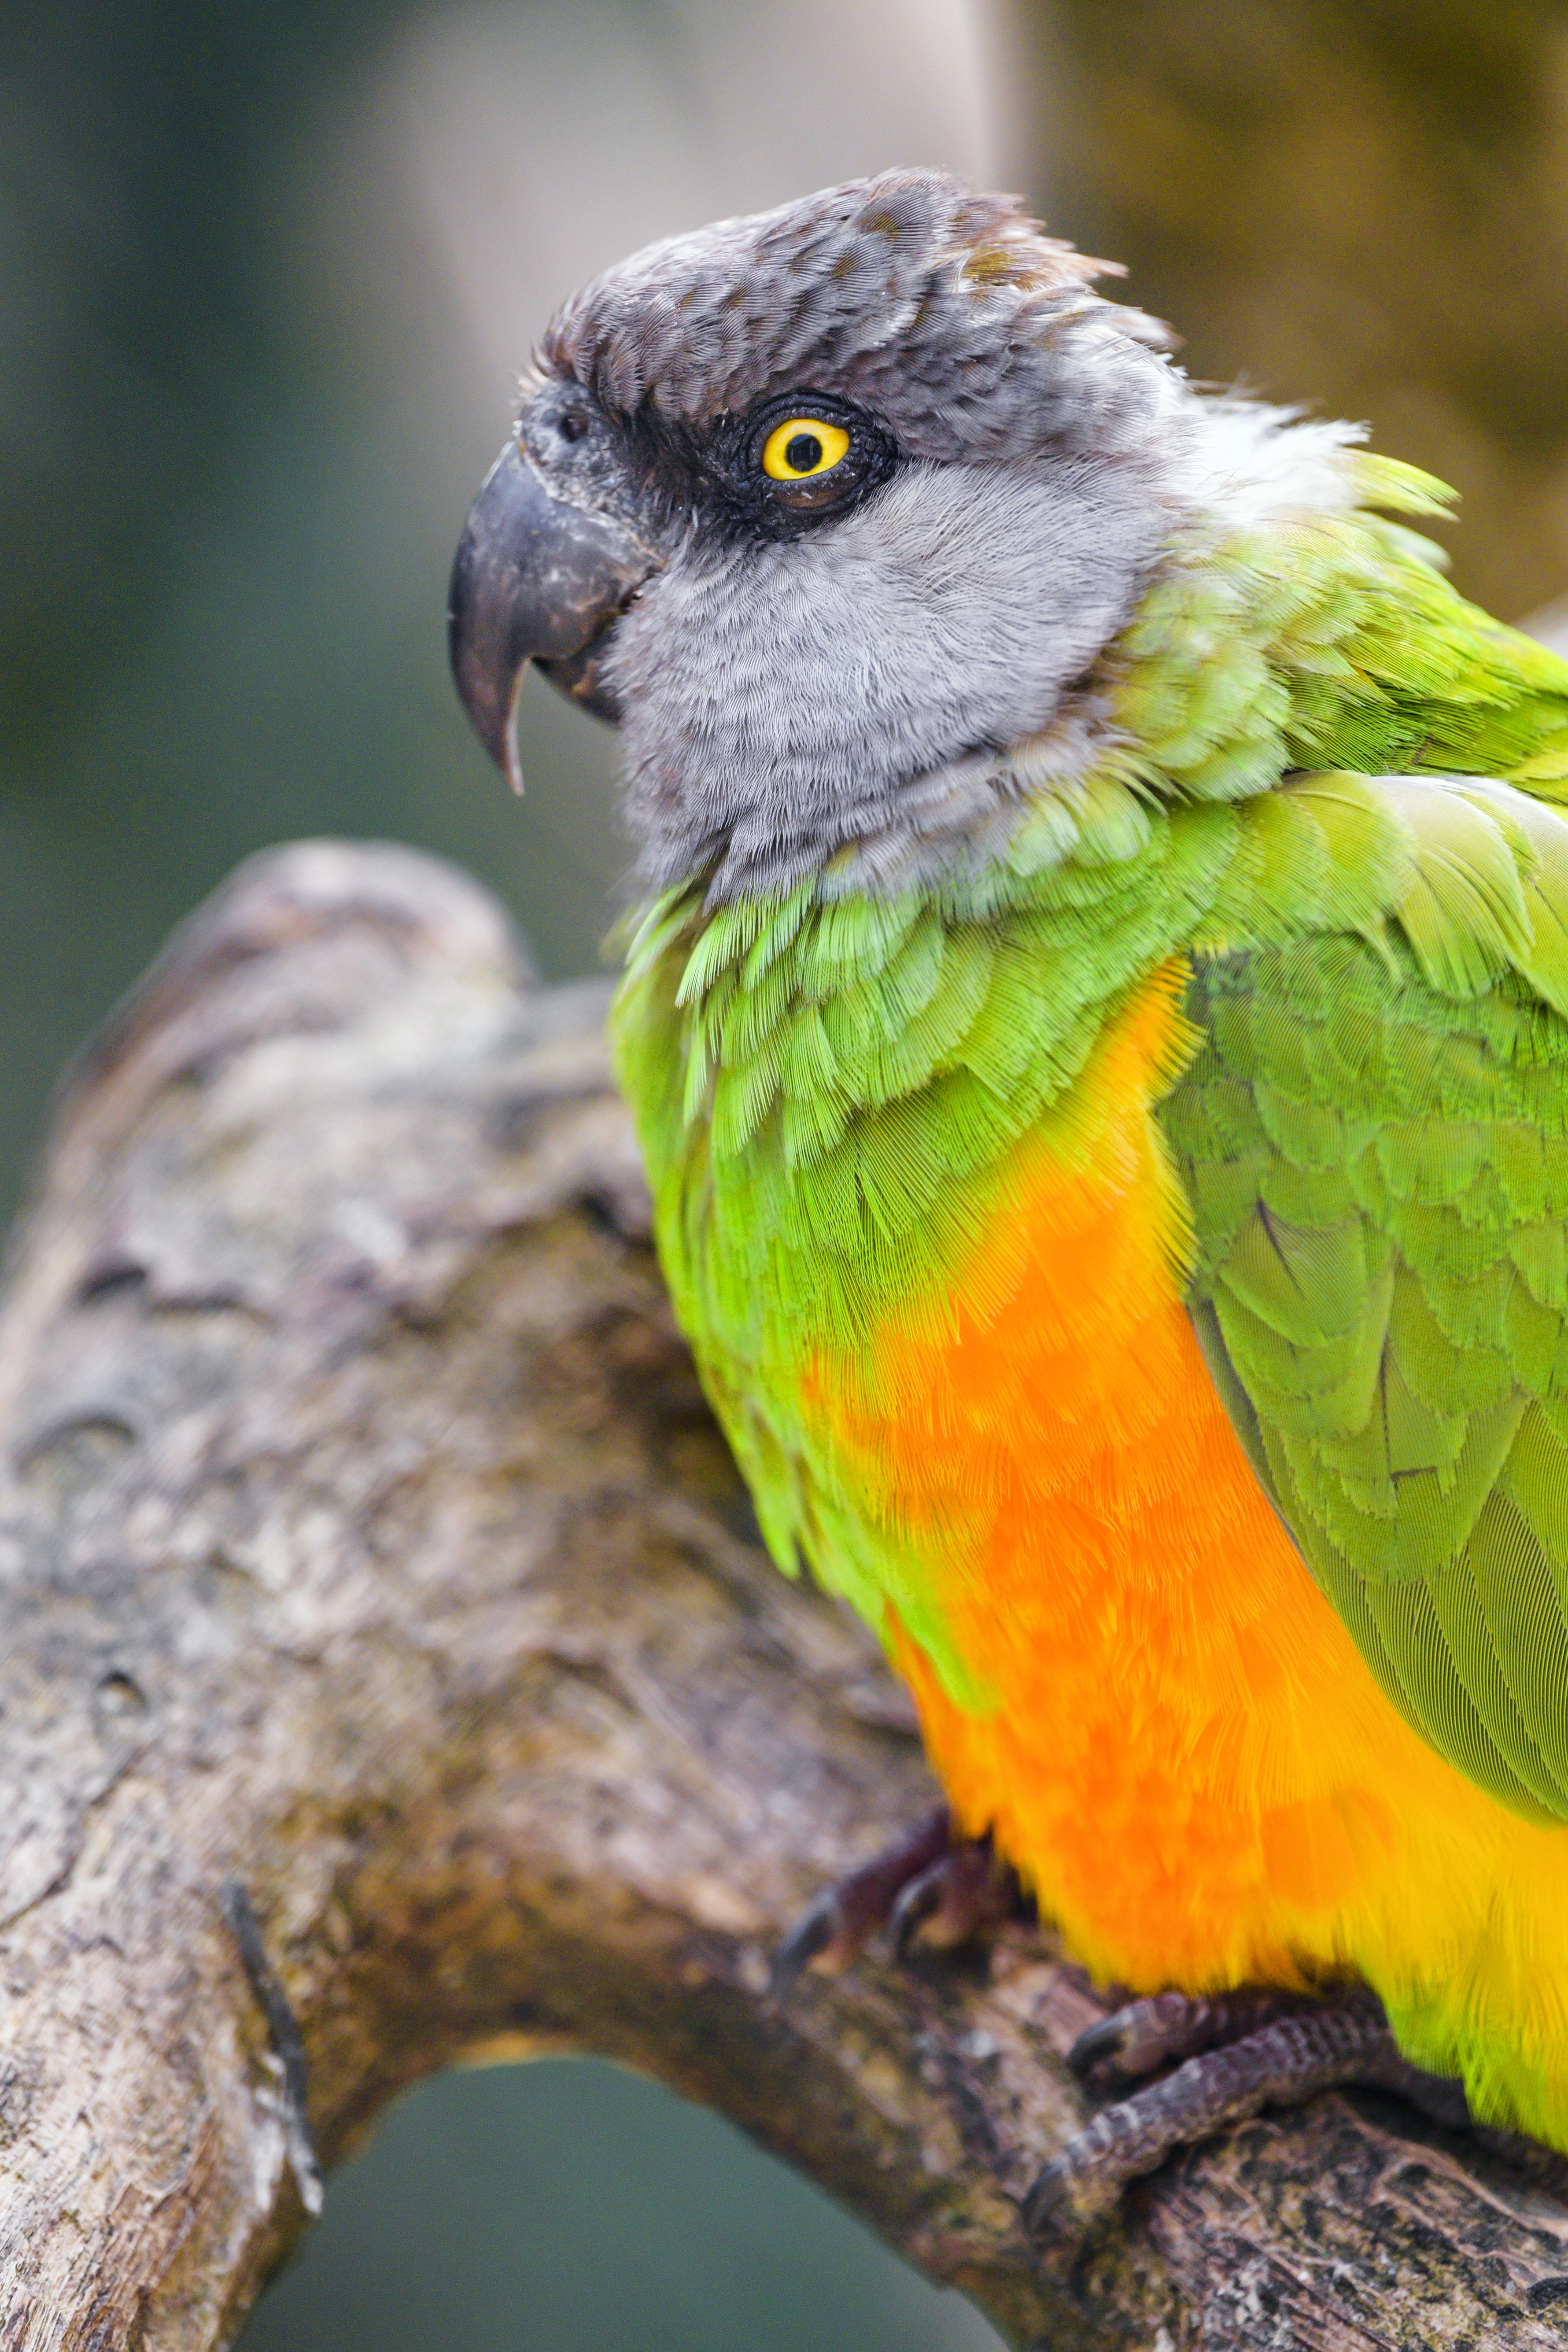 110257 fondo de pantalla 1920x1080 en tu teléfono gratis, descarga imágenes Animales, Loros, Pájaro, Sucursales, Ramas 1920x1080 en tu móvil